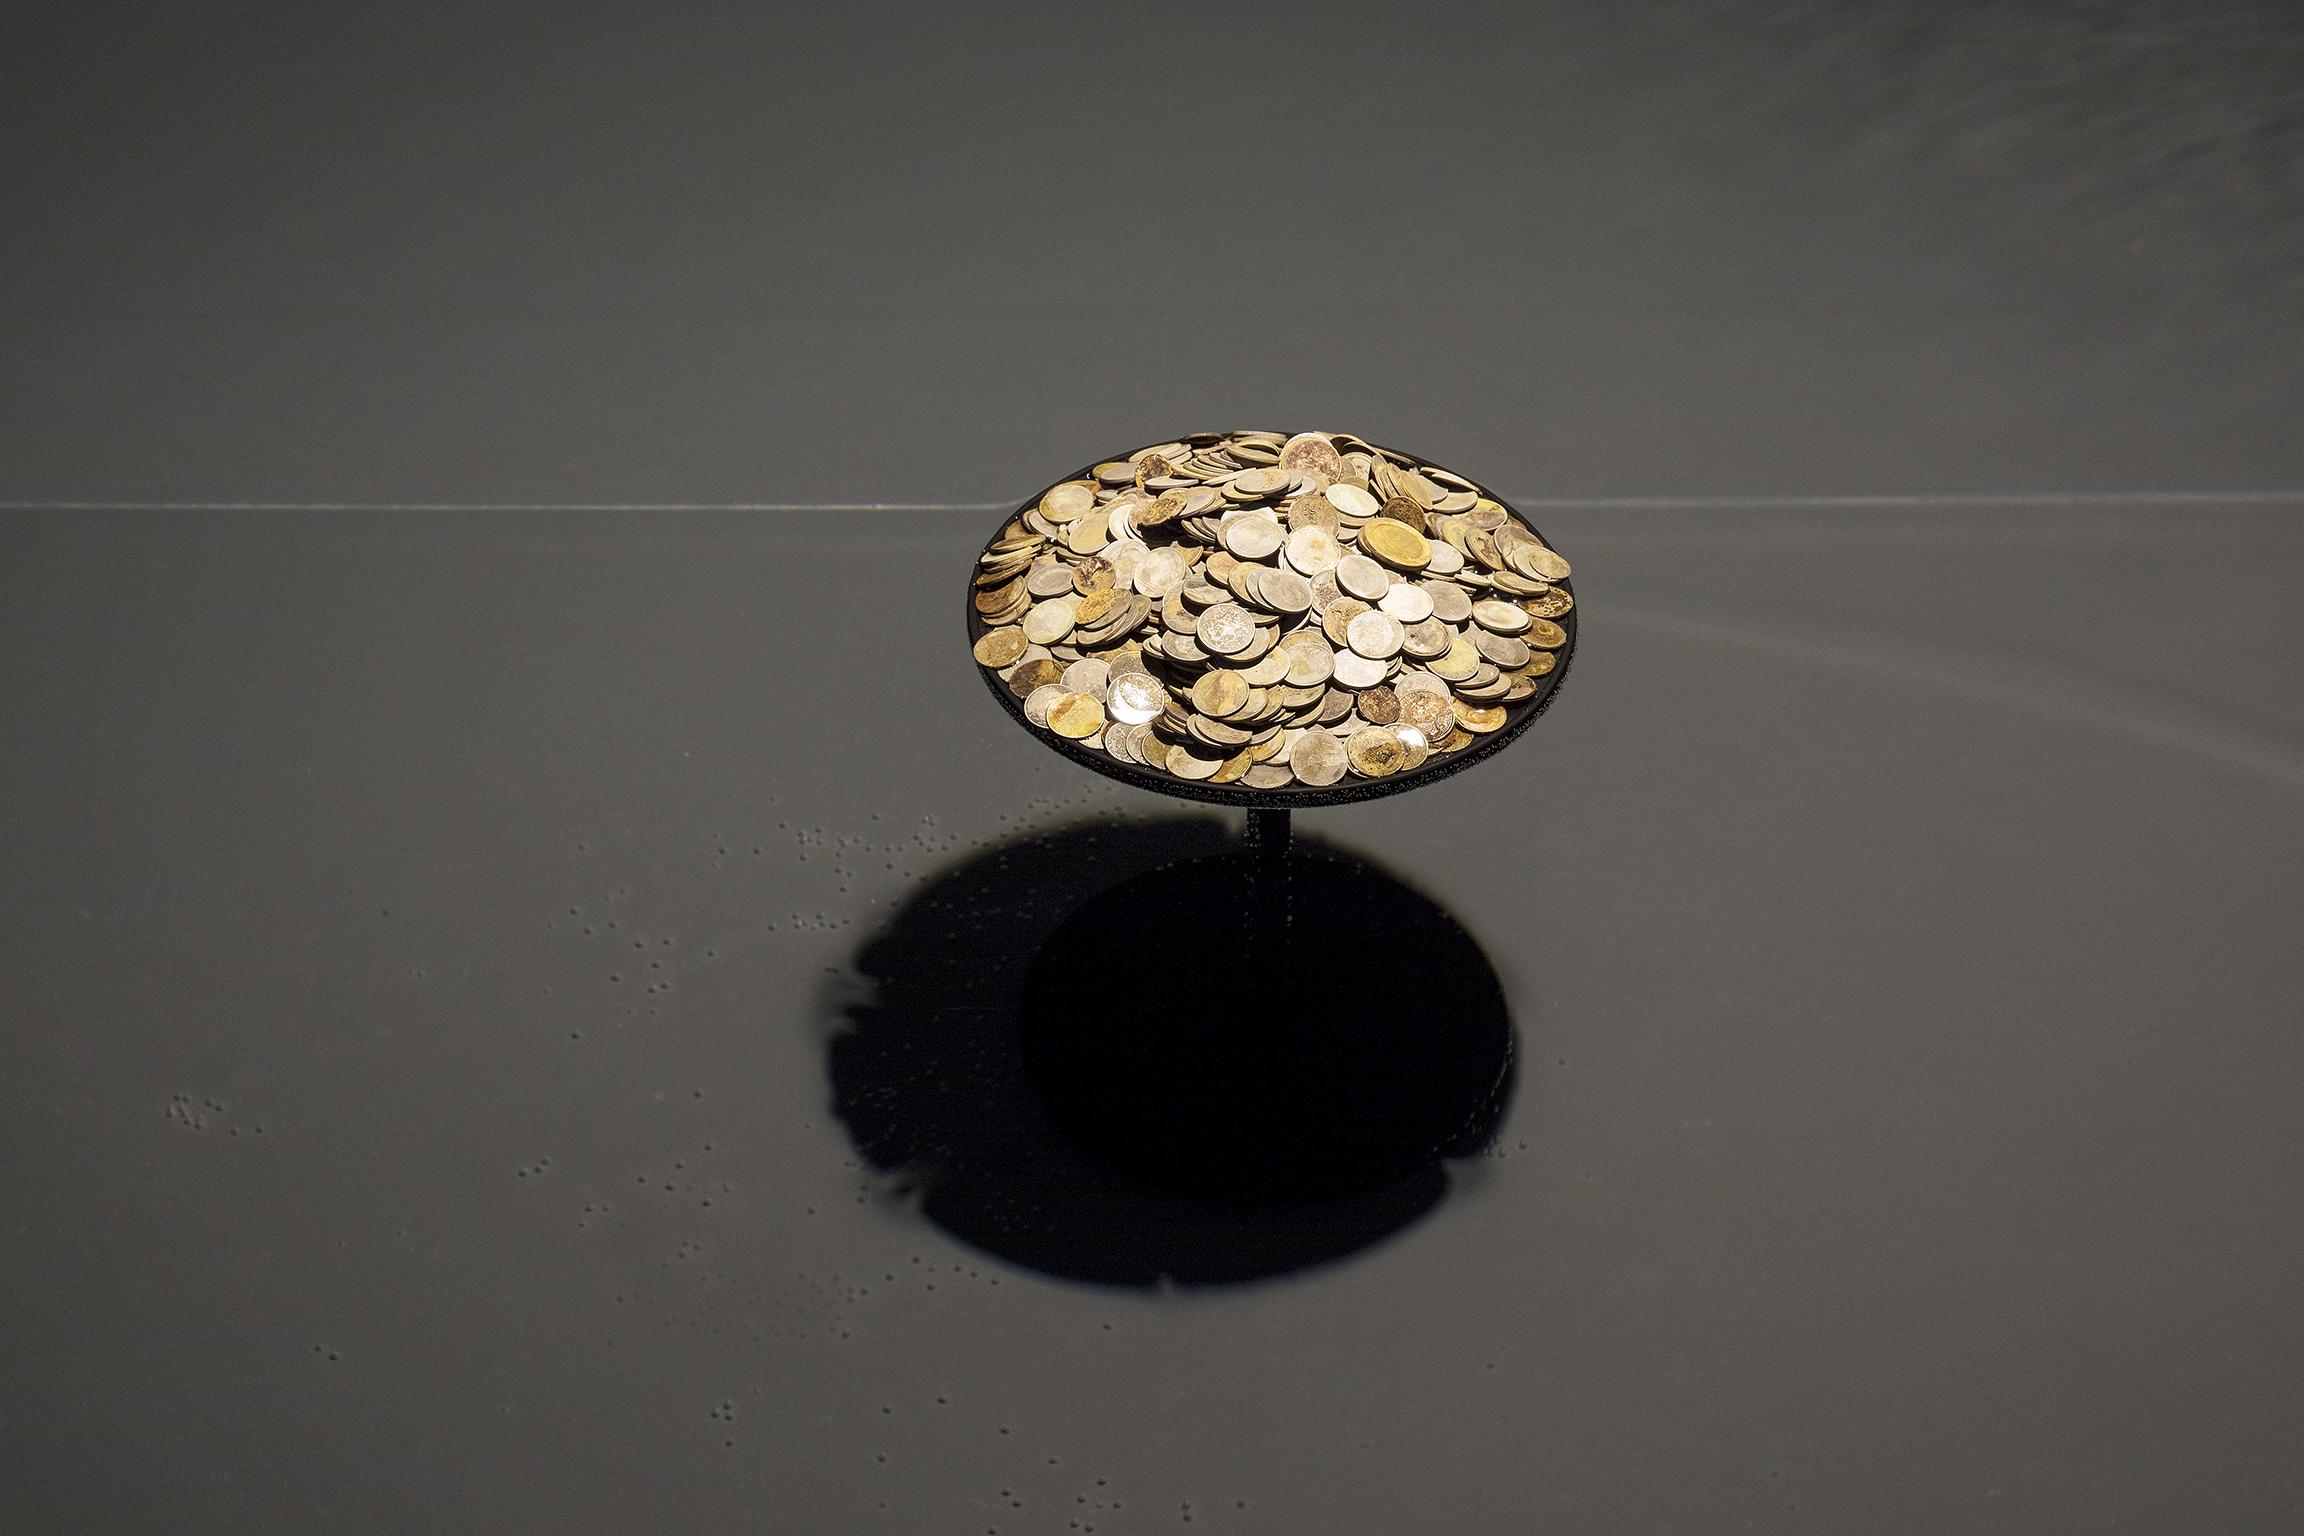 Gareth Moore, Thai Bank (Omsin), 600 Thai coins removed from the stomach of a sea turtle, 10 x 10 x 14 in. (25 x 25 x 36 cm). Installation view, A Dark Switch Yawning..., Salzburger Kunstverein, Salzburg, 2017 by